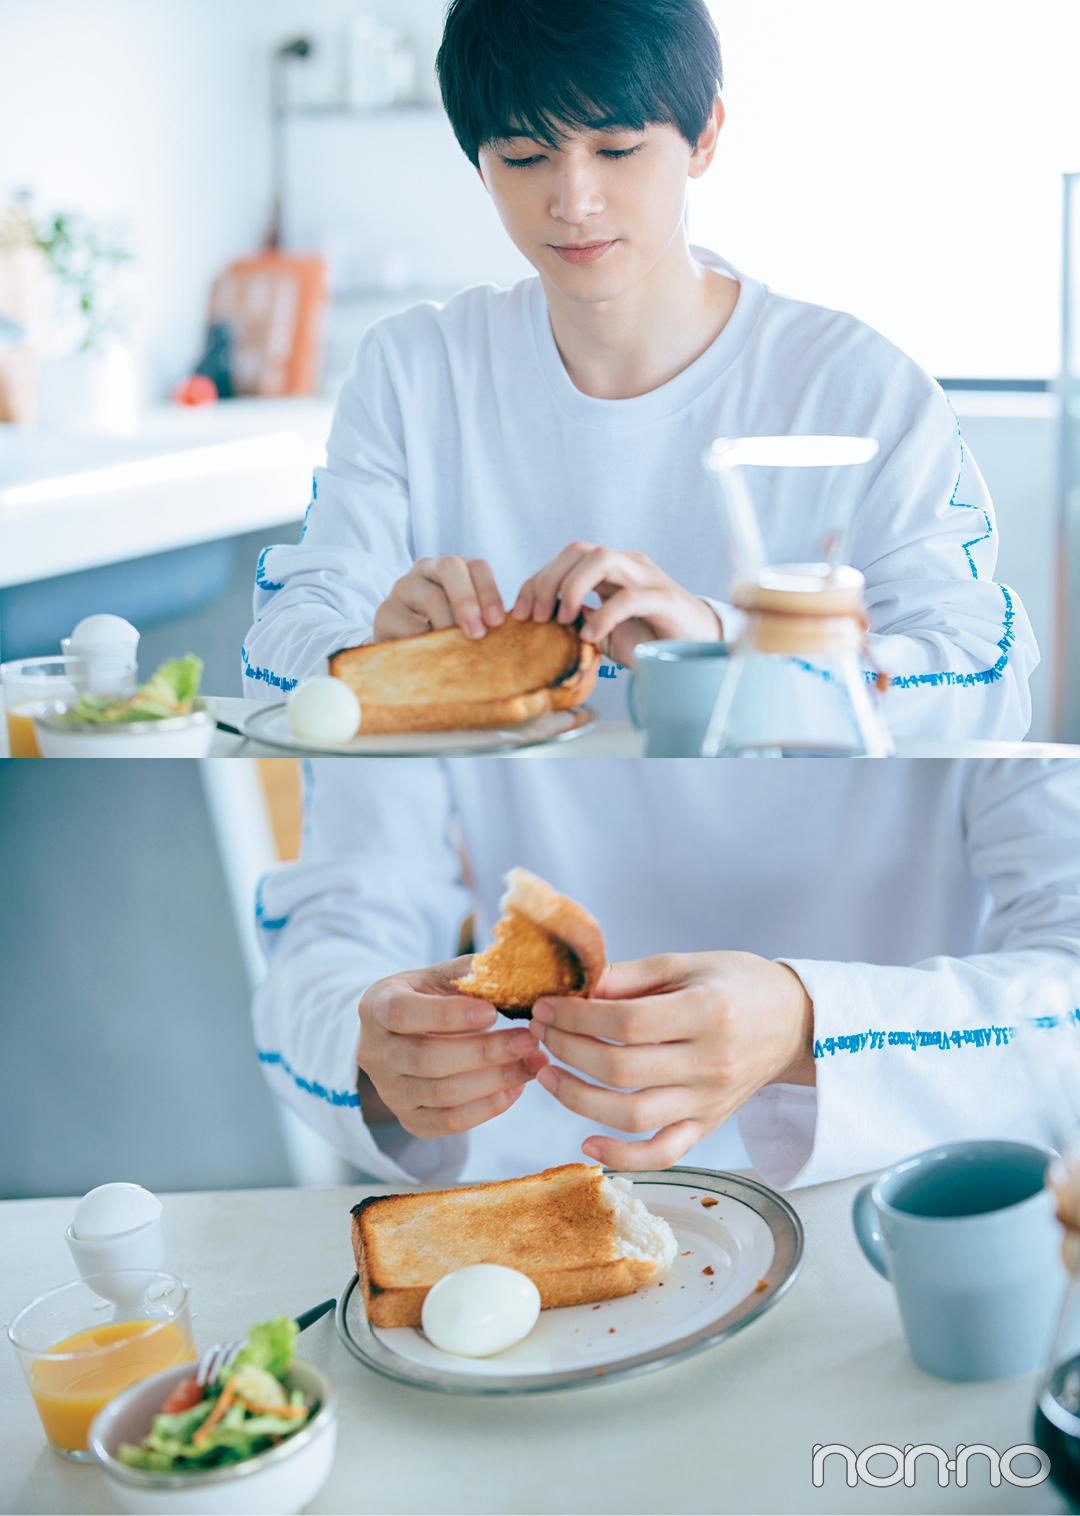 吉沢亮さんが、女子に作ってほしい料理は?【吉沢亮までの距離PART2】_1_3